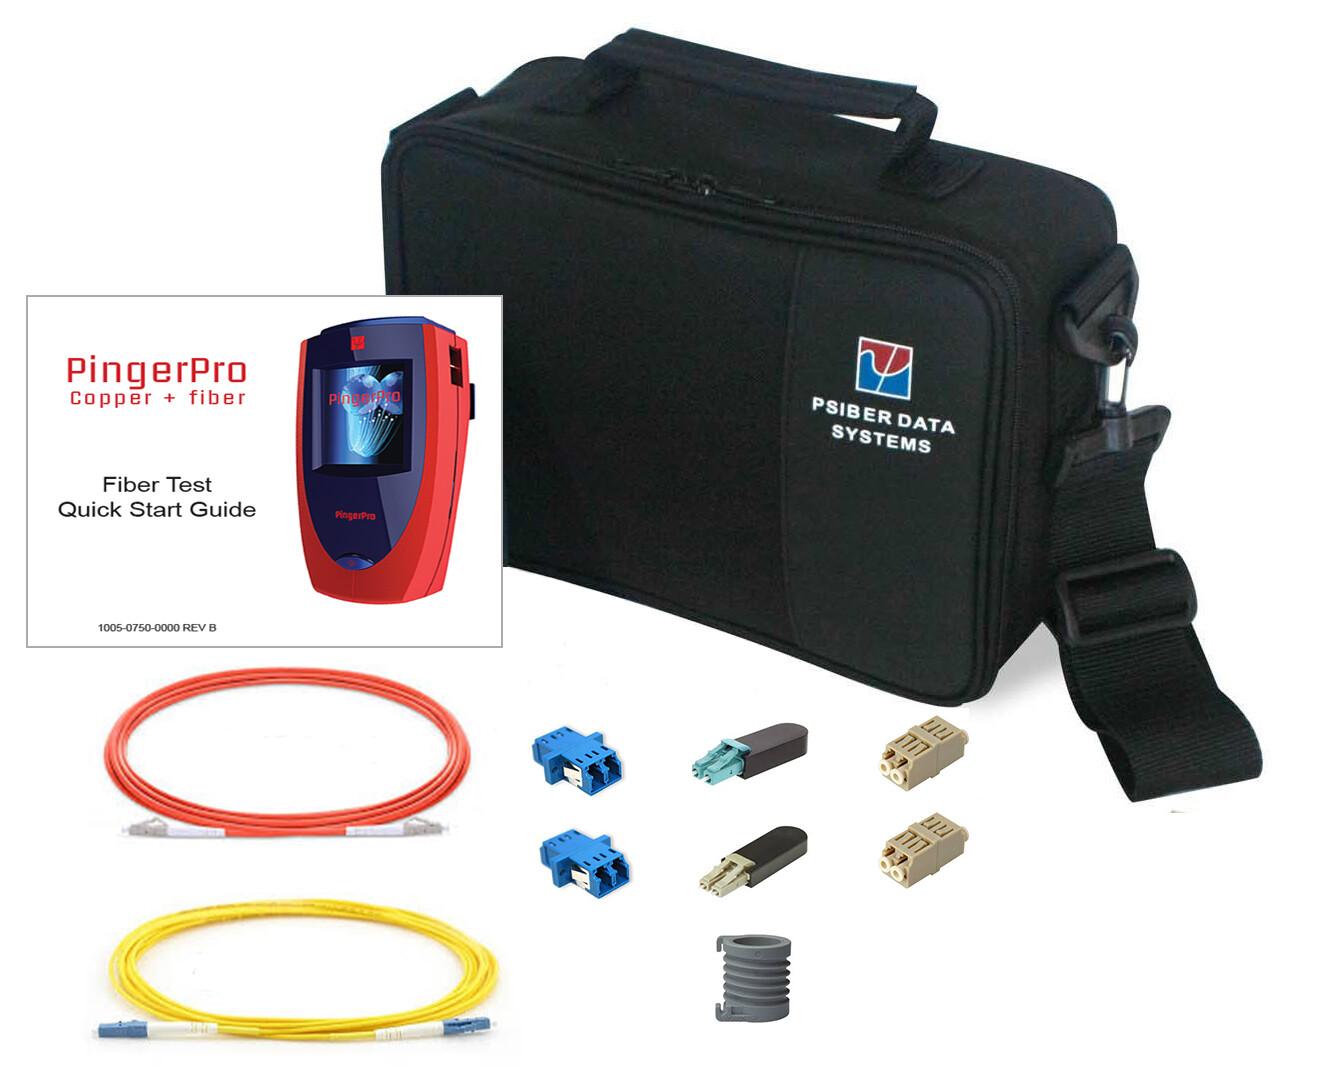 Fiber Test Kit for PingerPro Series (MM & SM)